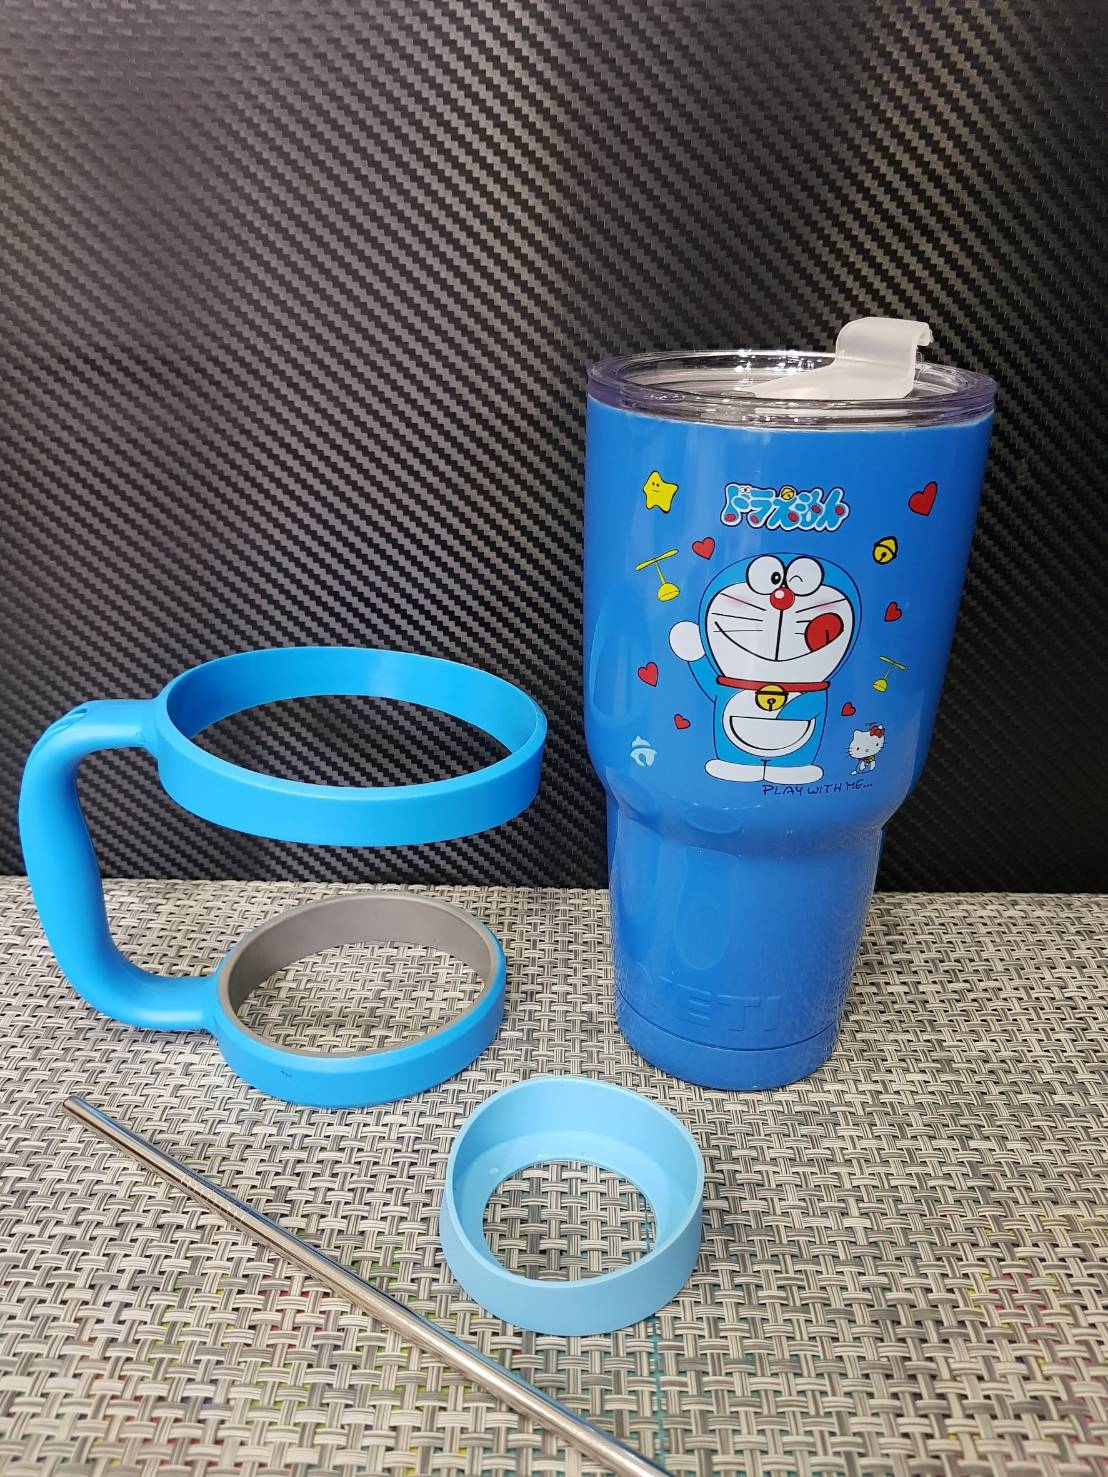 ชุดแก้วเยติ 30 ออนซ์ พื้นสีฟ้าเข้ม ลายการ์ตูน โดราเรม่อน